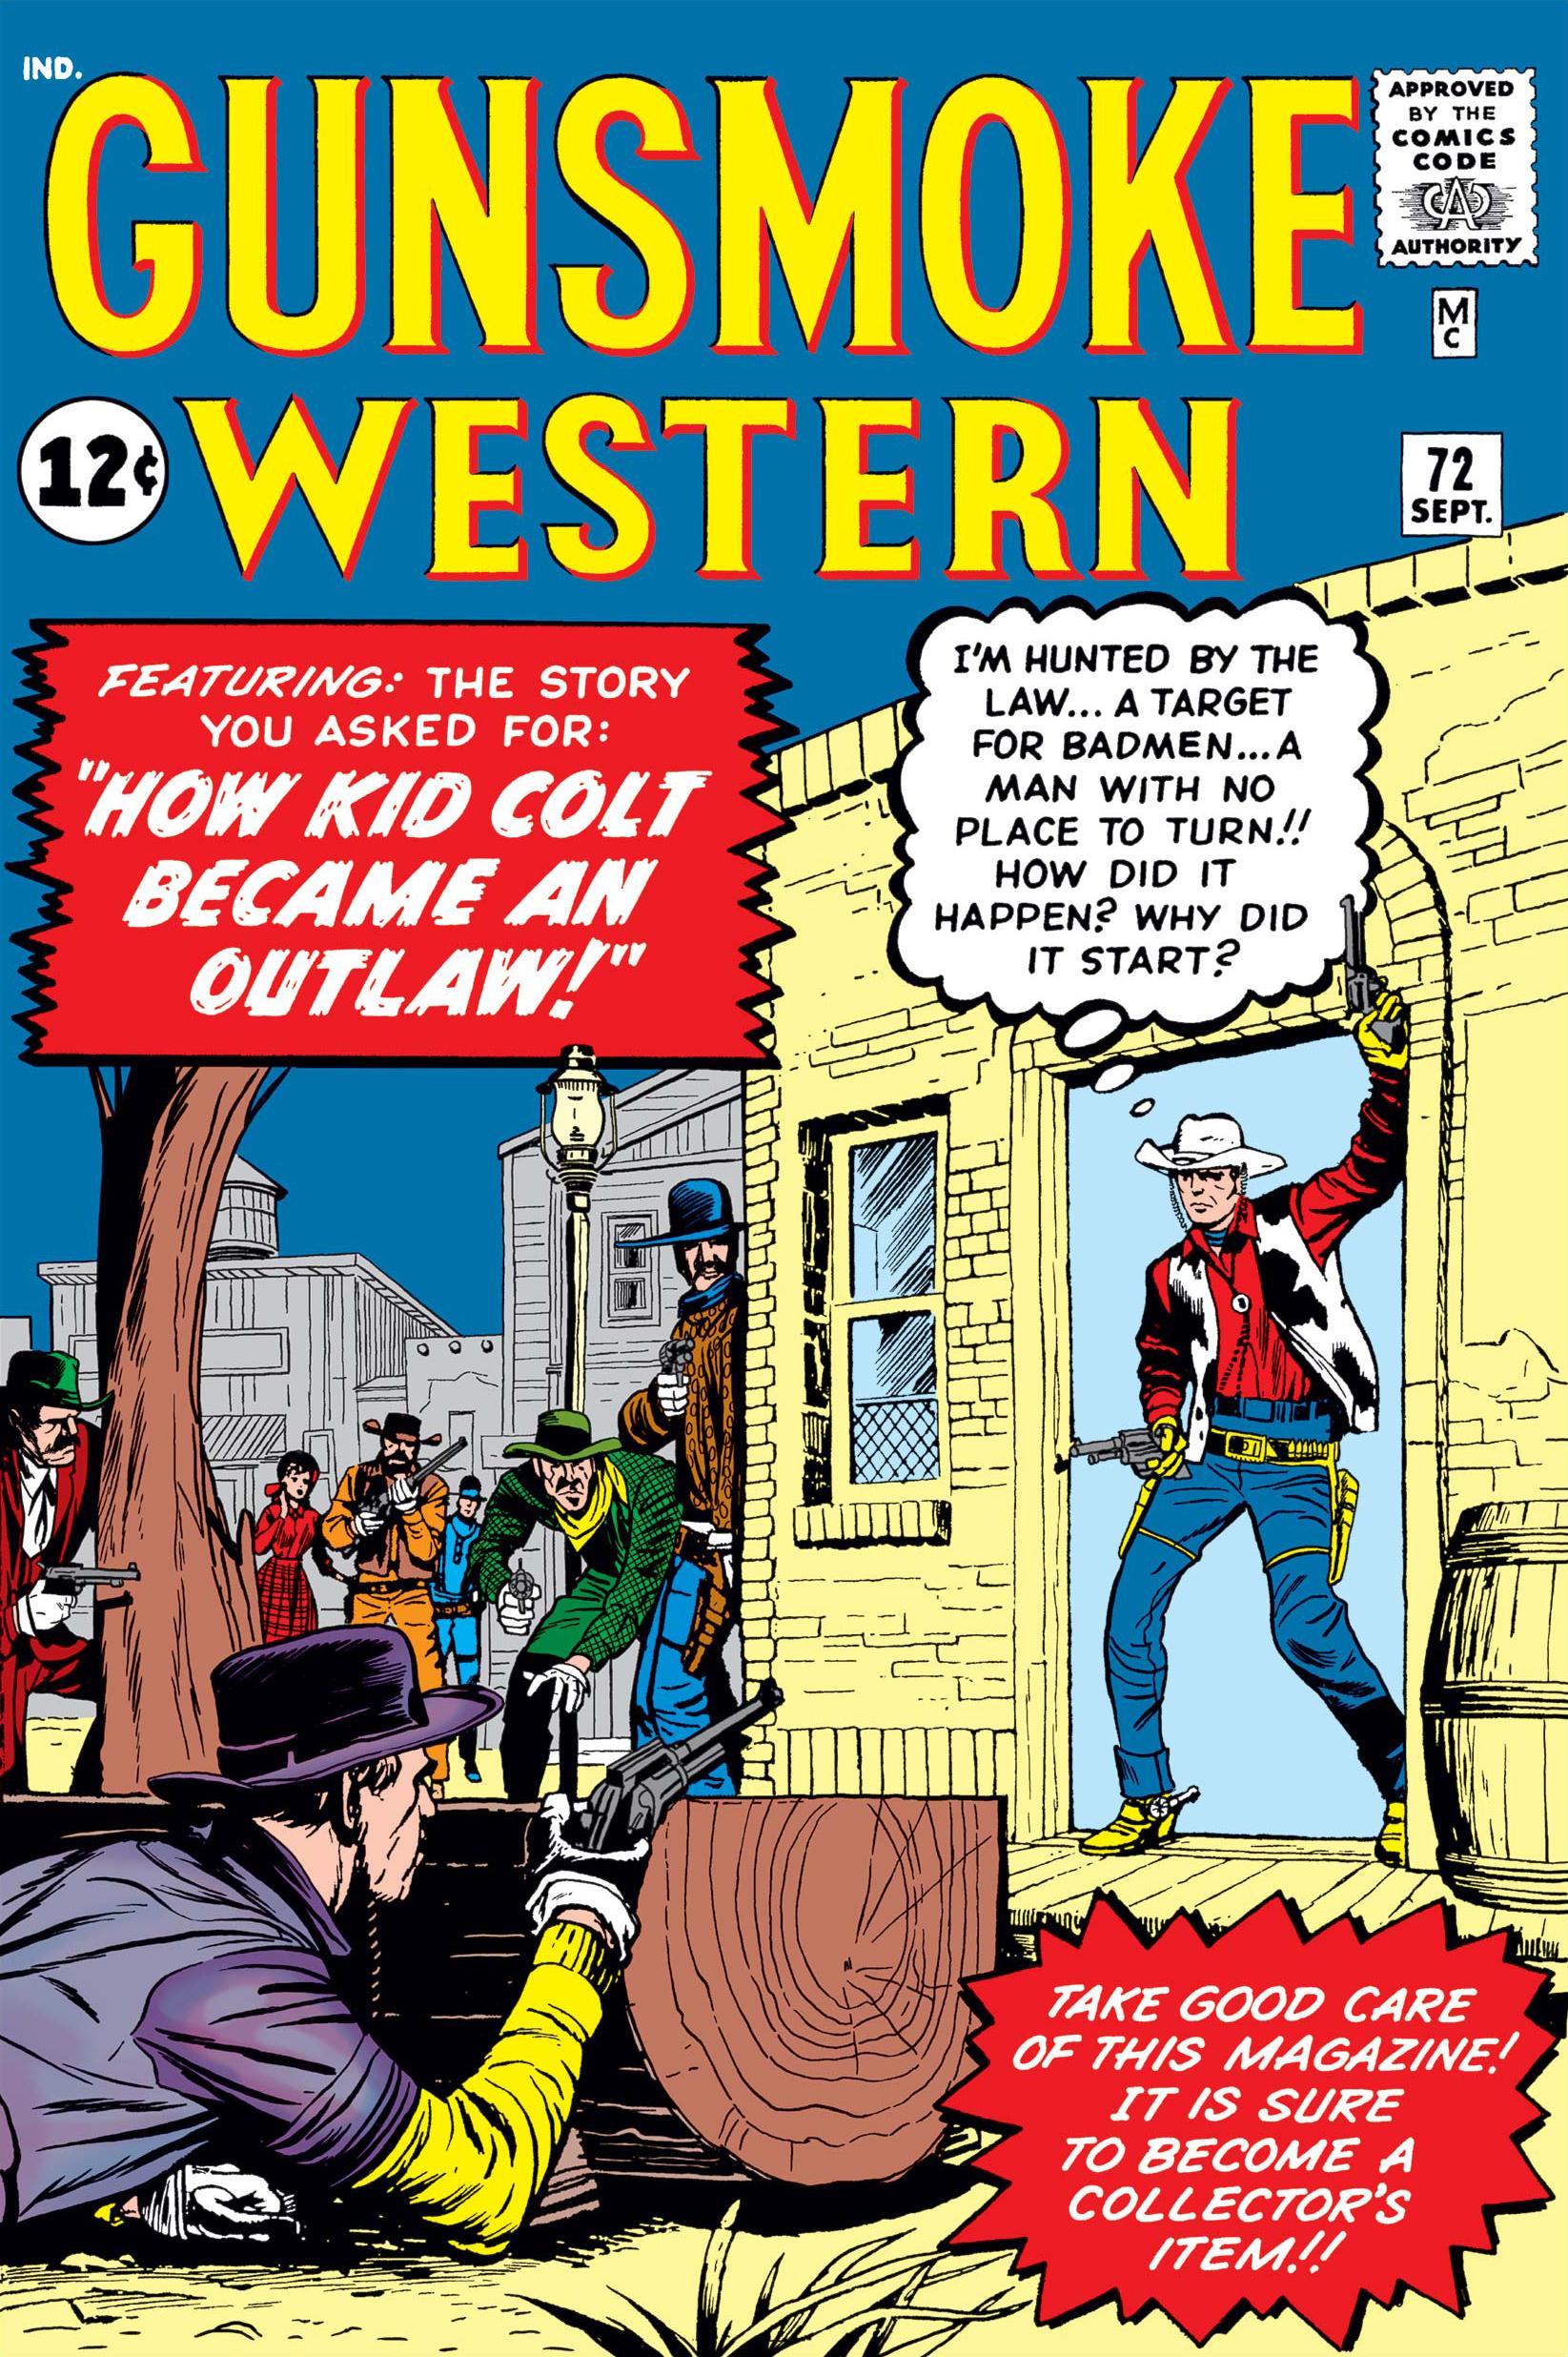 Gunsmoke Western Vol 1 72